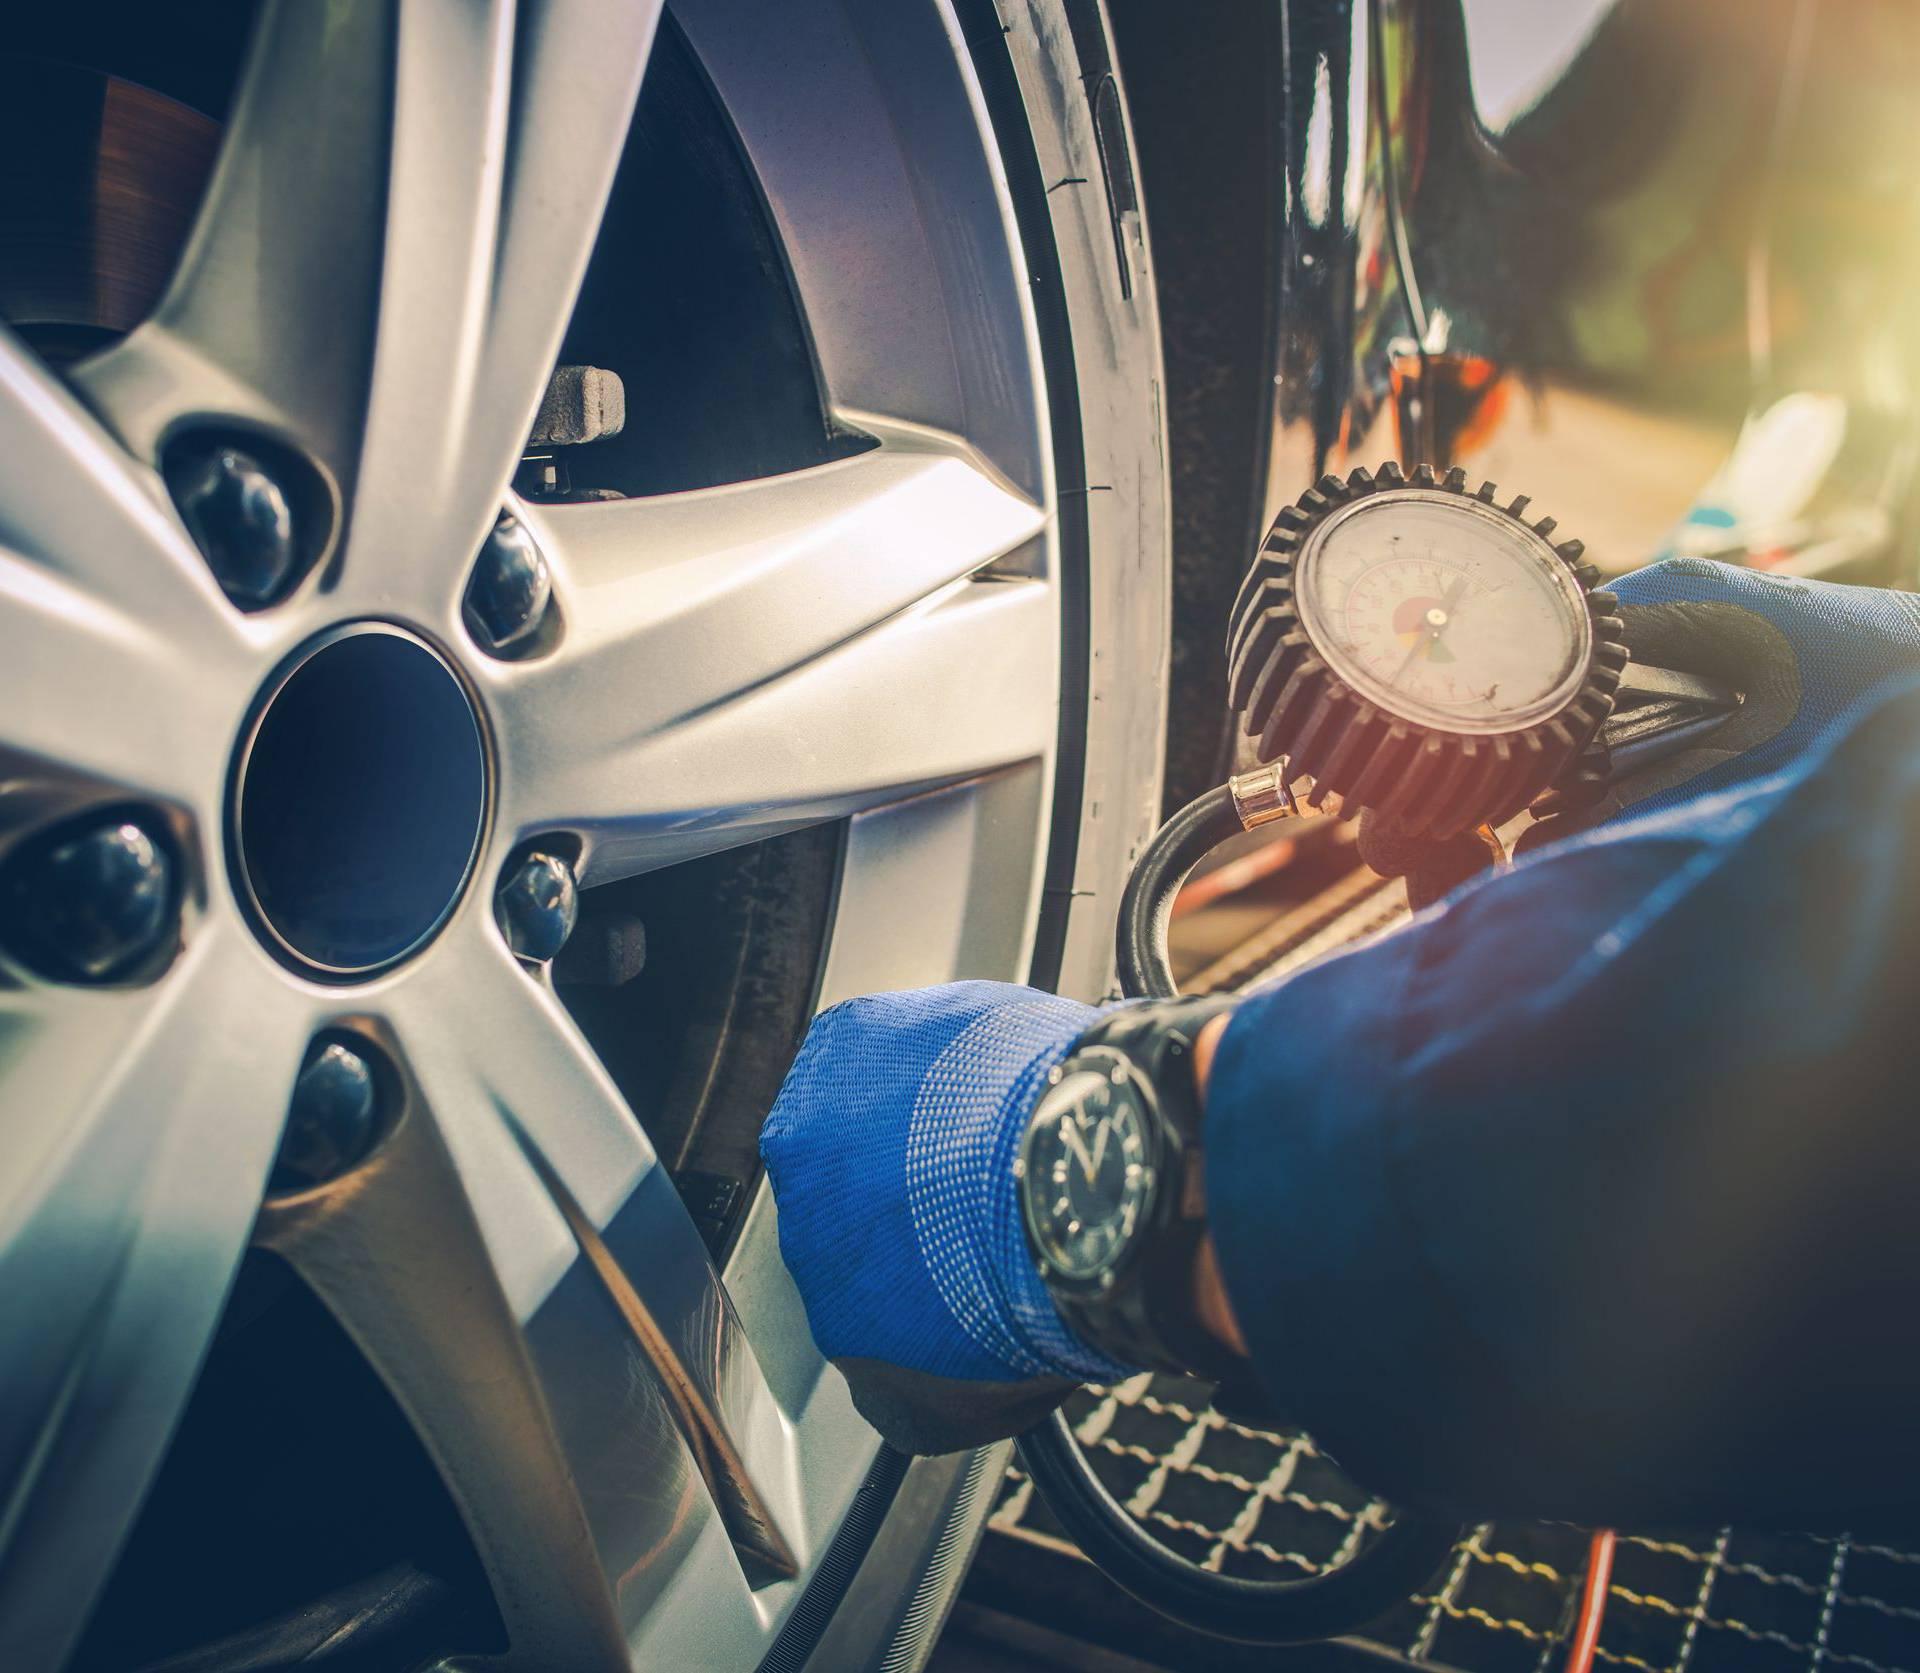 Veliki test ljetnih guma: Evo koje su najbolje za vaše vozilo